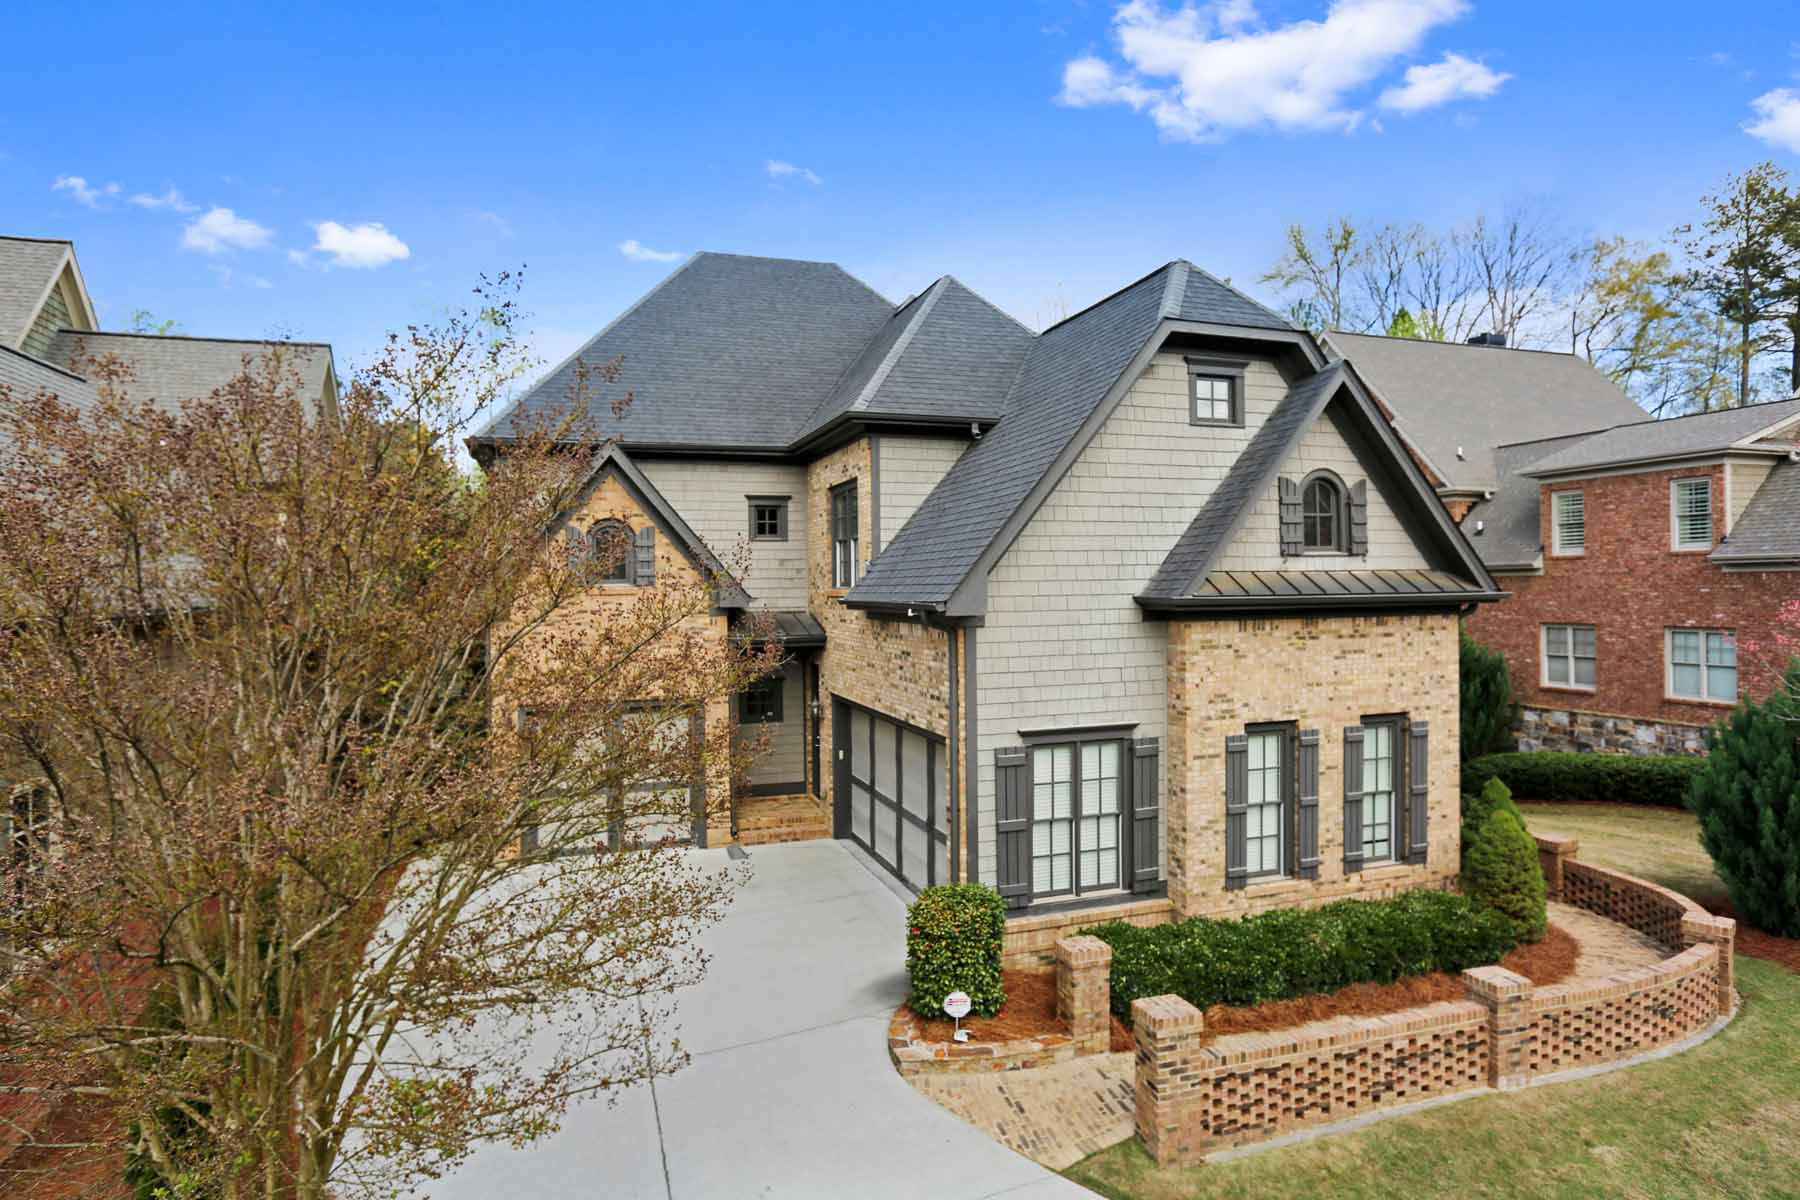 一戸建て のために 売買 アット Stunning Home in Gated Community 5206 Creek Walk Circle Peachtree Corners, ジョージア, 30092 アメリカ合衆国